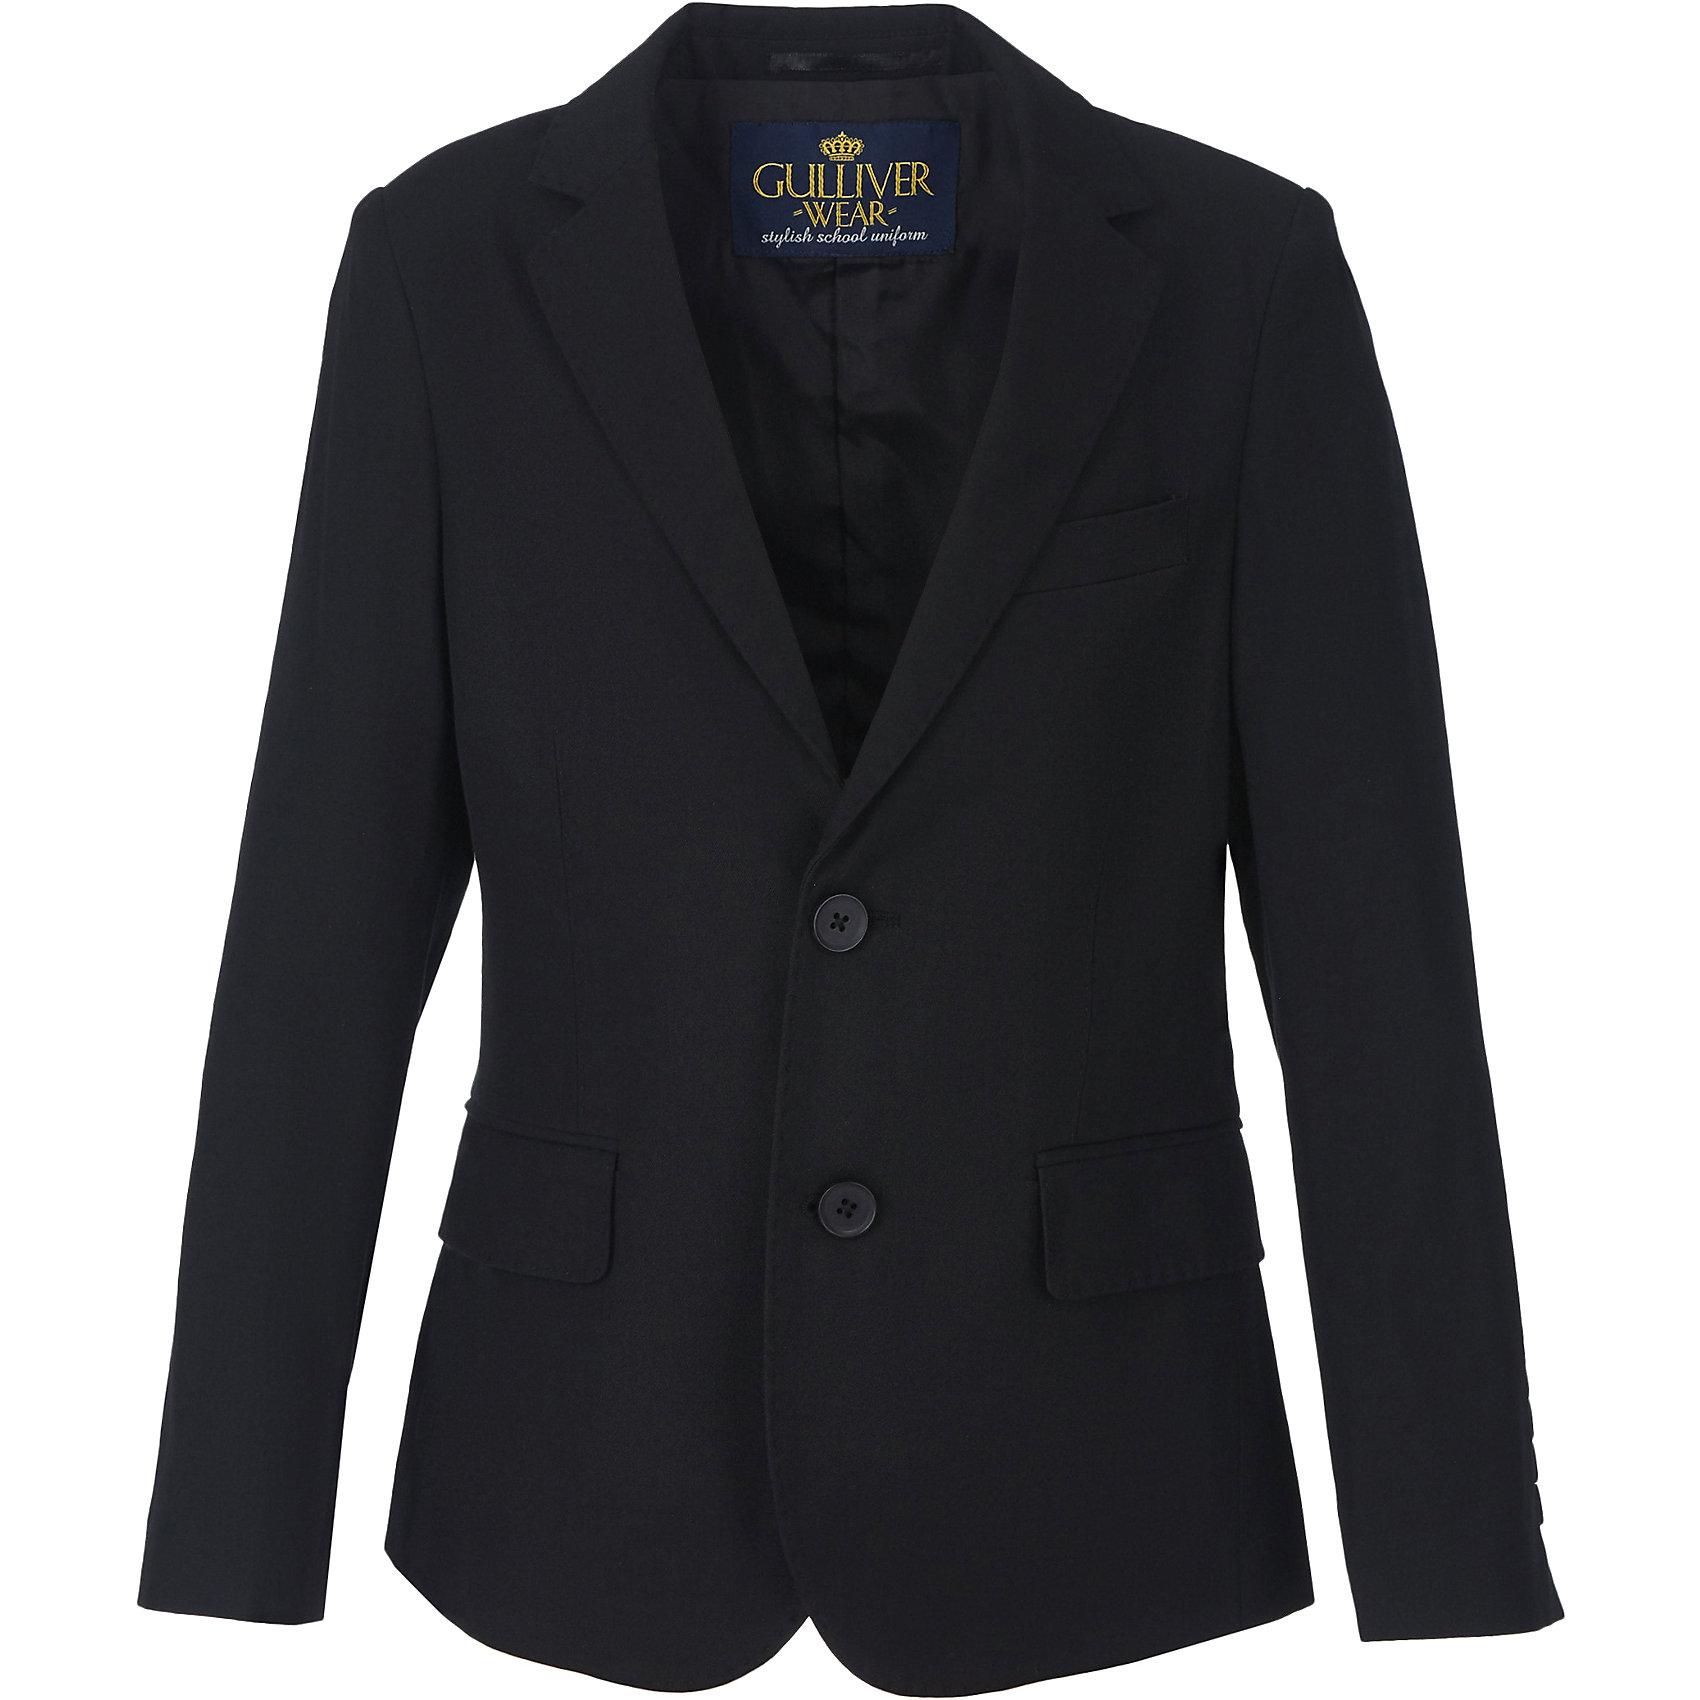 Пиджак для мальчика GulliverПиджаки и костюмы<br>Замечательный черный пиджак выполняет функцию главного делового атрибута школьника. Он уместен для ежедневной носки и незаменим для торжественных мероприятий. Отточенная форма модели, две шлицы сзади, детальная проработка элементов подкладки делают пиджак ярким элементом образа. Именно такими и должны быть стильные пиджаки для мальчиков - элегантными, качественными,  практичными. Хороший состав ткани позволяет носить пиджак продолжительное время в течение дня, ощущая полный комфорт и свободу движений. Школьные пиджаки для мальчиков от Gulliver помогут детям чувствовать себя уверенно и достойно.<br>Состав:<br>Верх: 10% шерсть 25% вискоза 65% полиэстер; Подкладка: 50% вискоза 50% полиэстер<br><br>Ширина мм: 190<br>Глубина мм: 74<br>Высота мм: 229<br>Вес г: 236<br>Цвет: черный<br>Возраст от месяцев: 72<br>Возраст до месяцев: 84<br>Пол: Мужской<br>Возраст: Детский<br>Размер: 122,170,128,134,140,146,152,158,164<br>SKU: 6678496